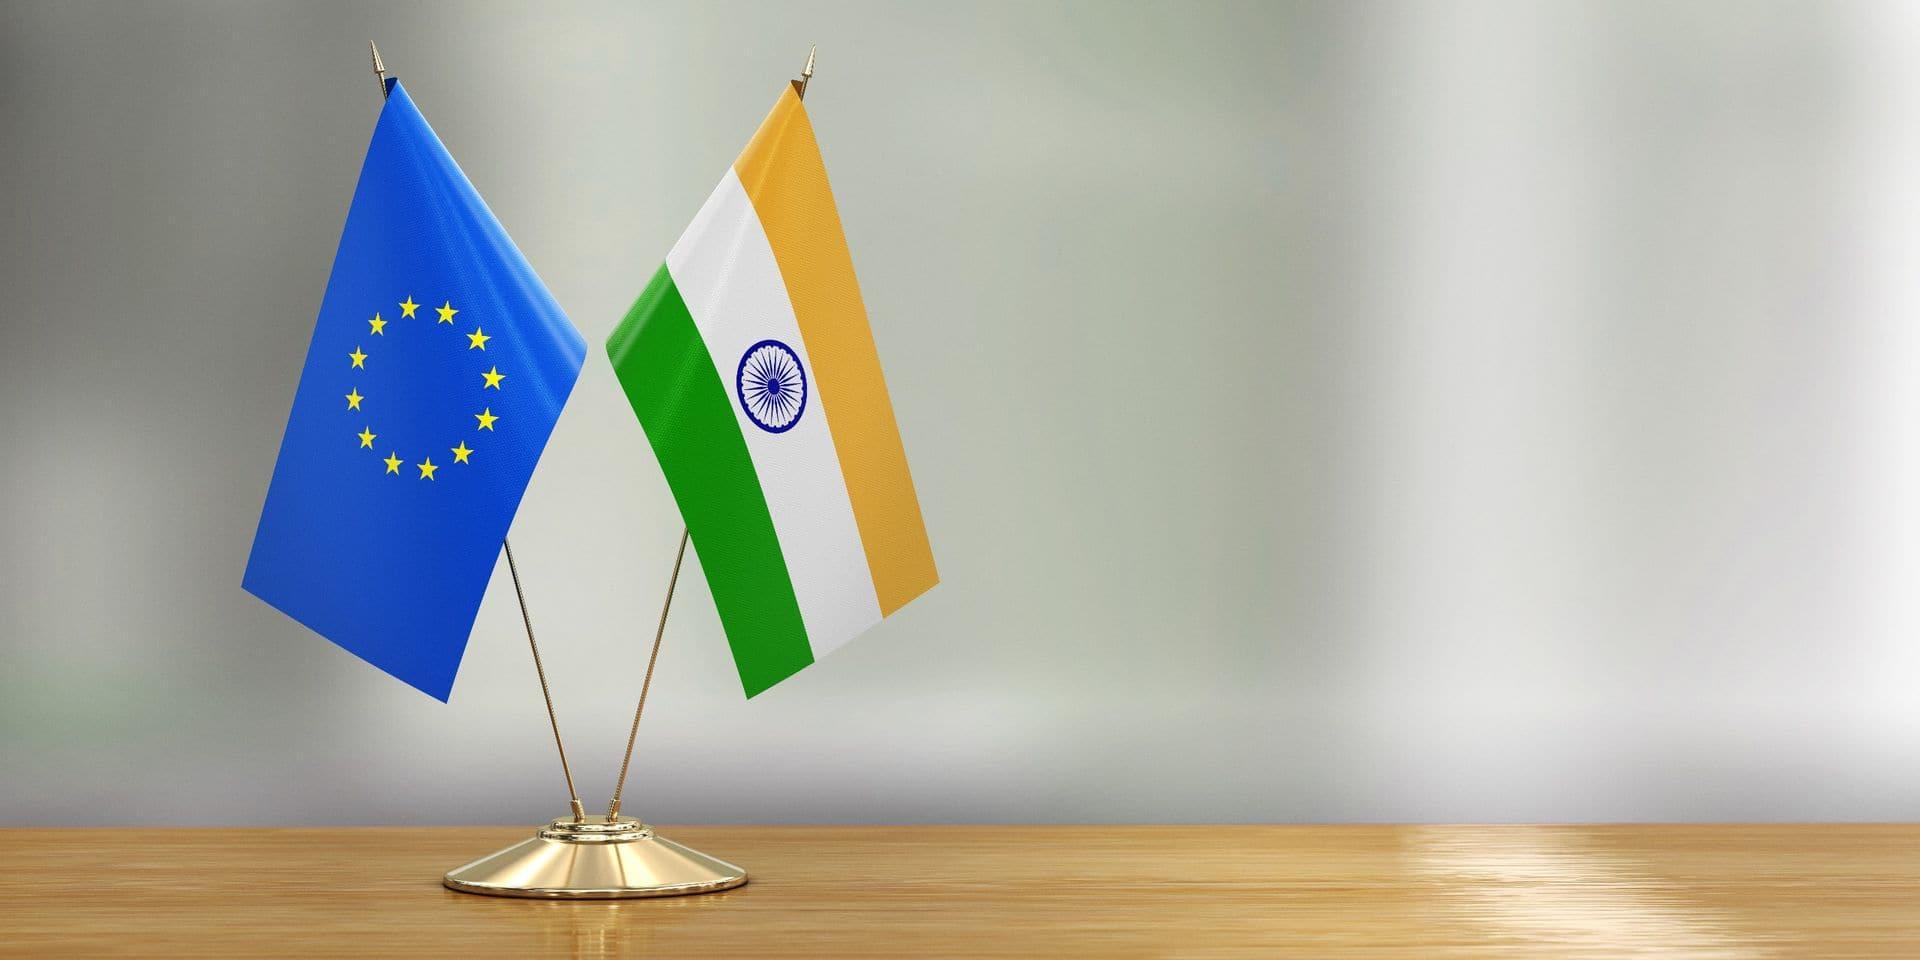 Huit ans plus tard, l'UE et l'Inde se remettent à table pour conclure un accord de libre-échange